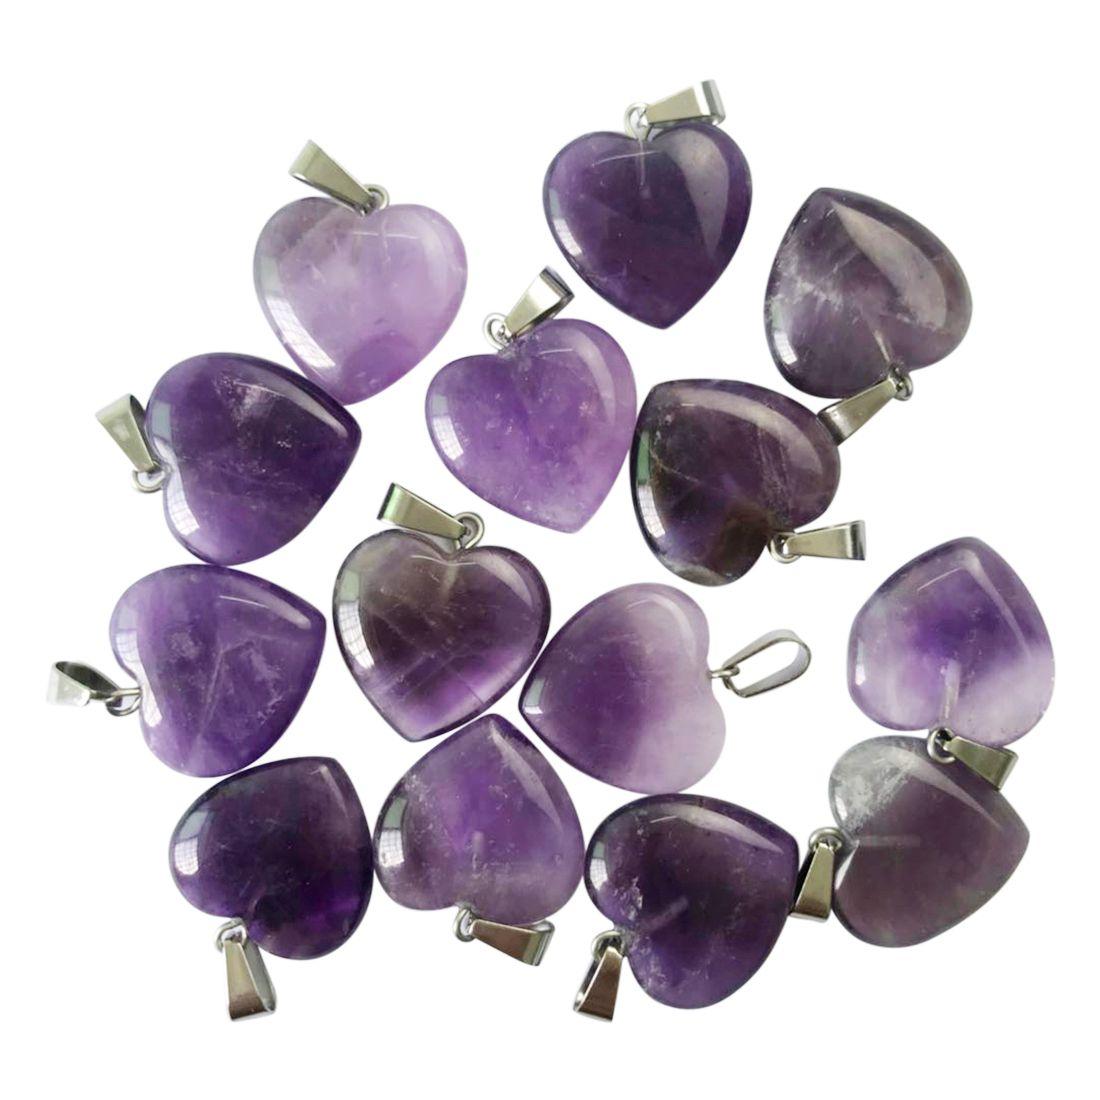 Venta al por mayor de buena calidad amatista natural piedra en forma de corazón colgante pendiente de la joyería collar colgante de moda encanto 50pcs / lot